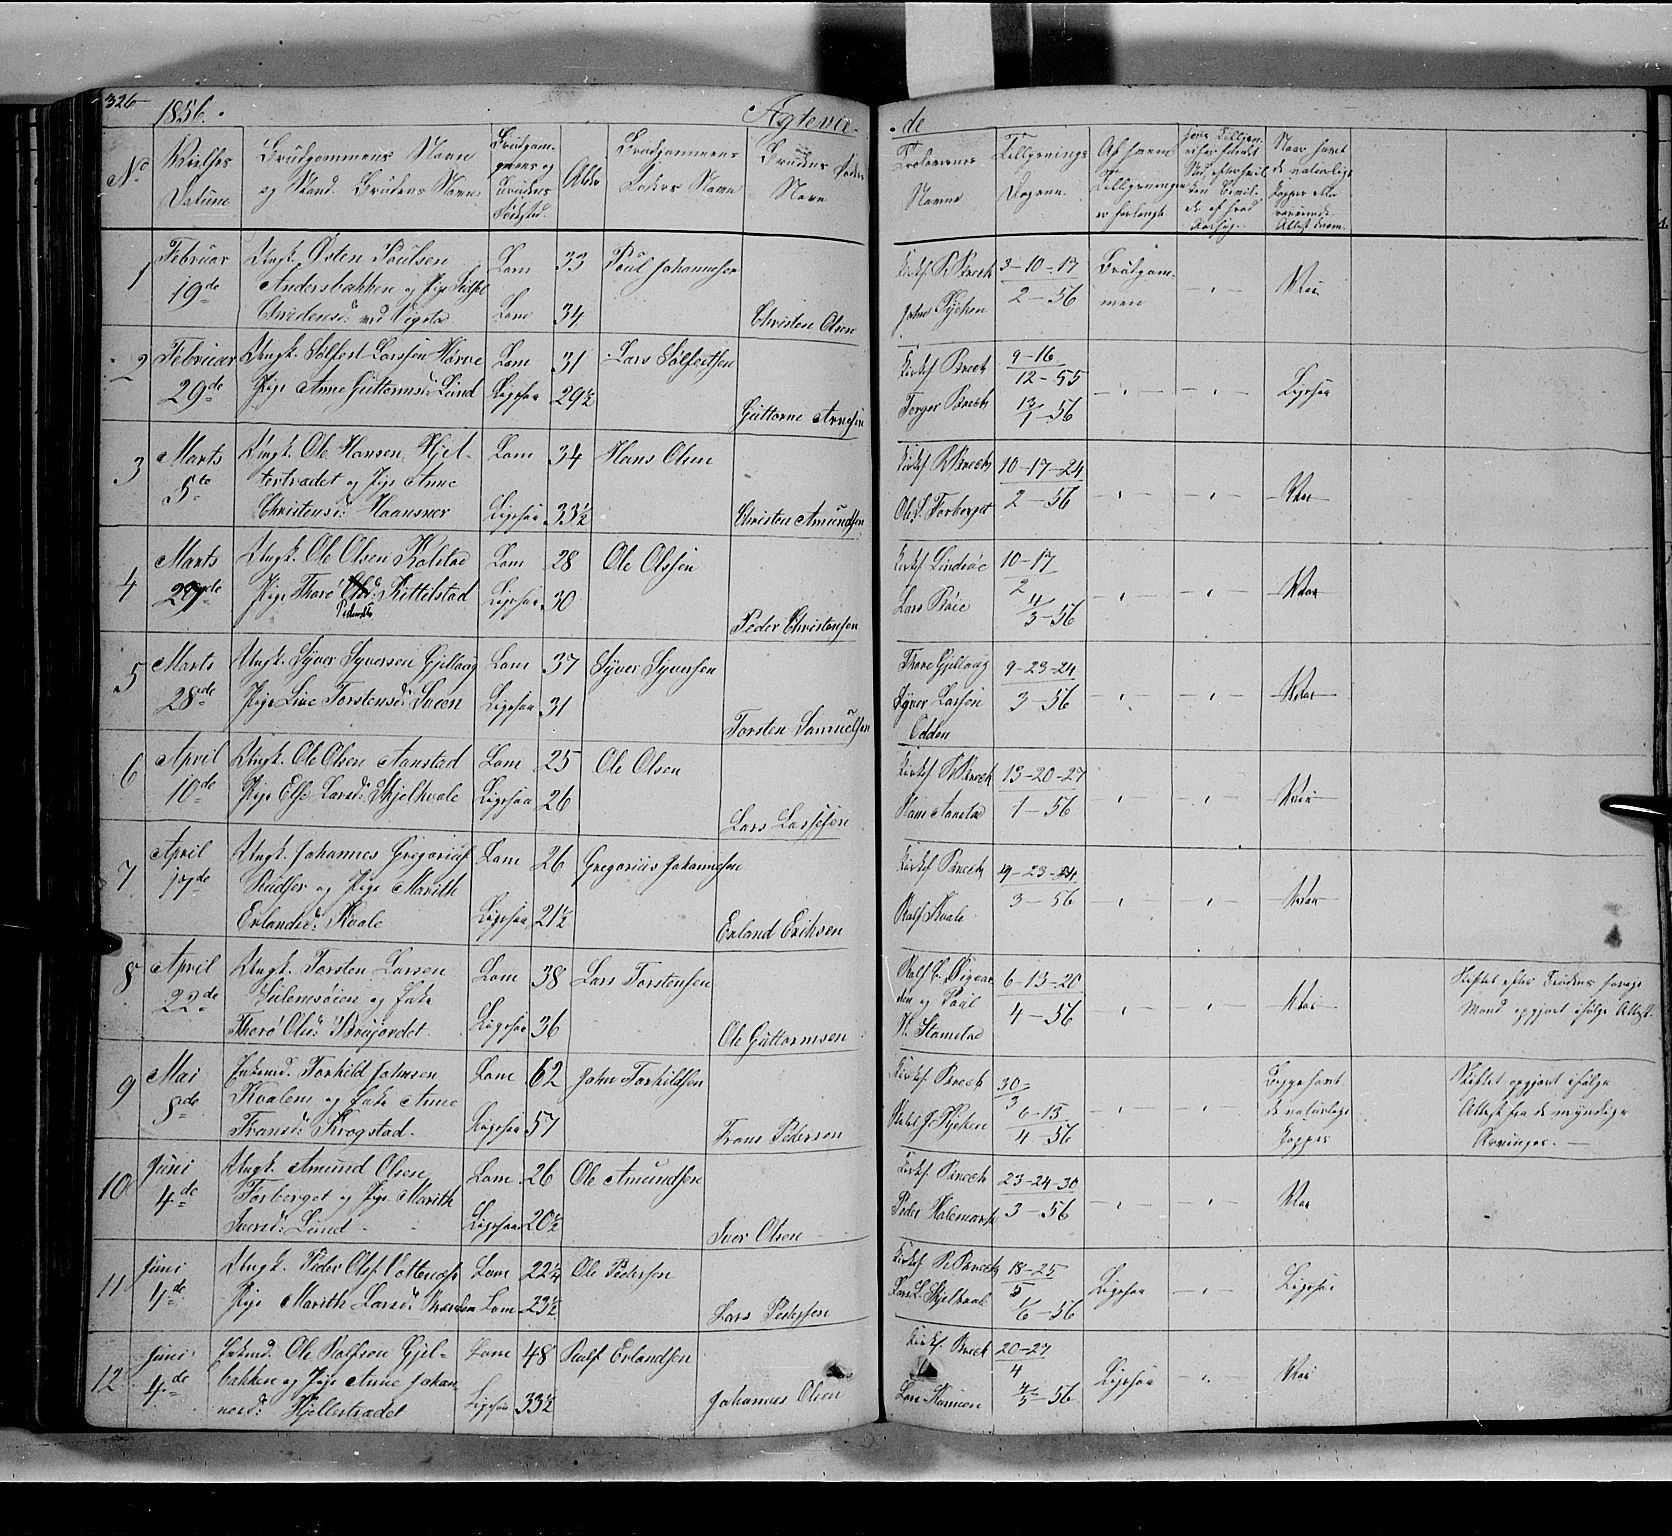 SAH, Lom prestekontor, L/L0004: Klokkerbok nr. 4, 1845-1864, s. 326-327